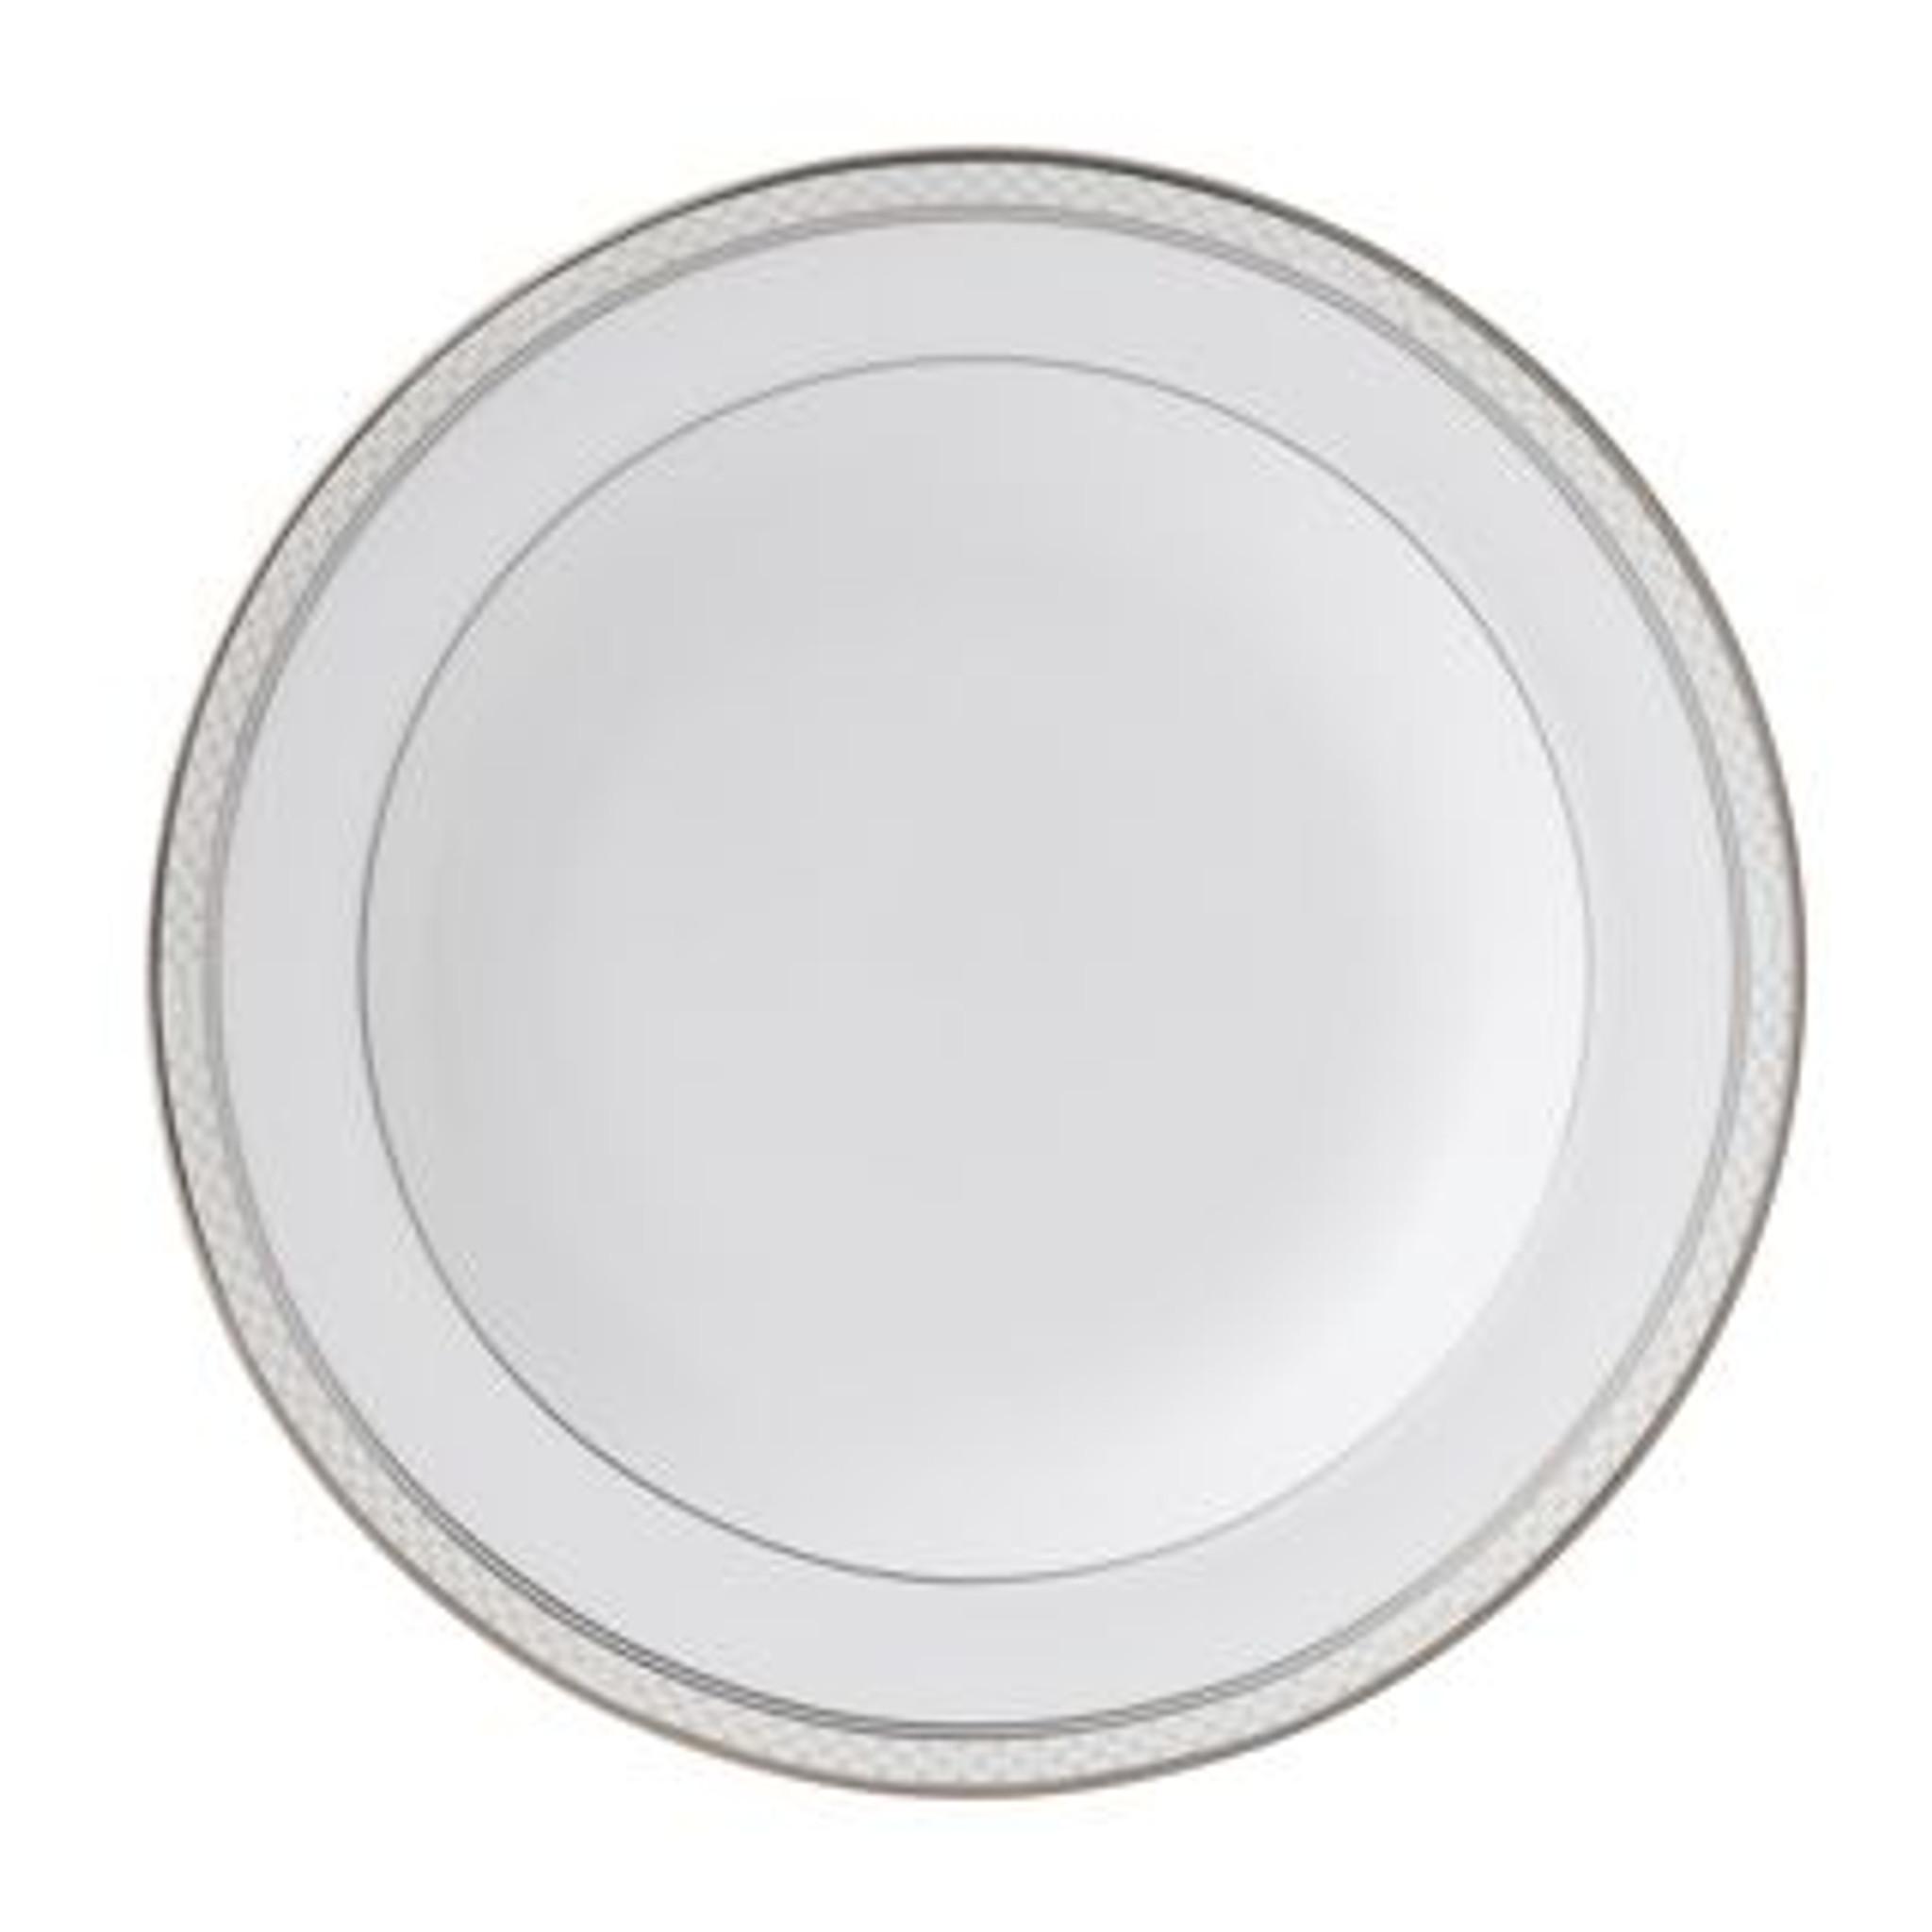 Faberge Karsavina Rimmed Soup Plate 9 Inch